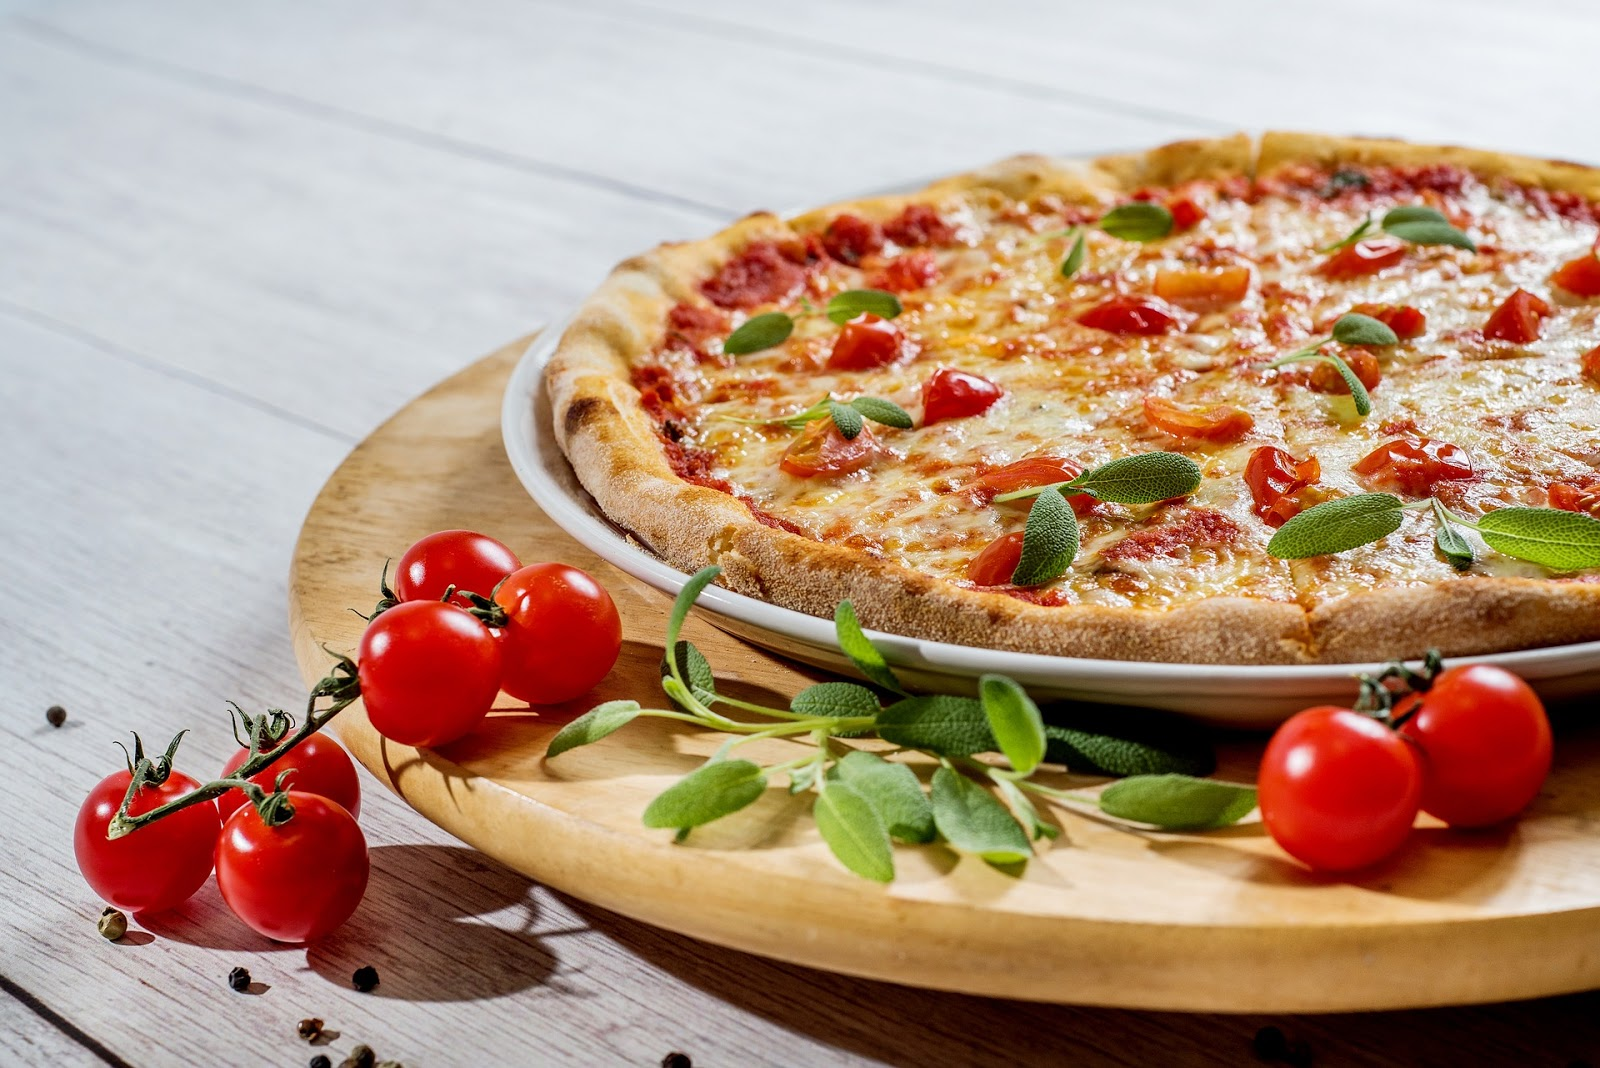 Pizza by Zuzana Gazdikova